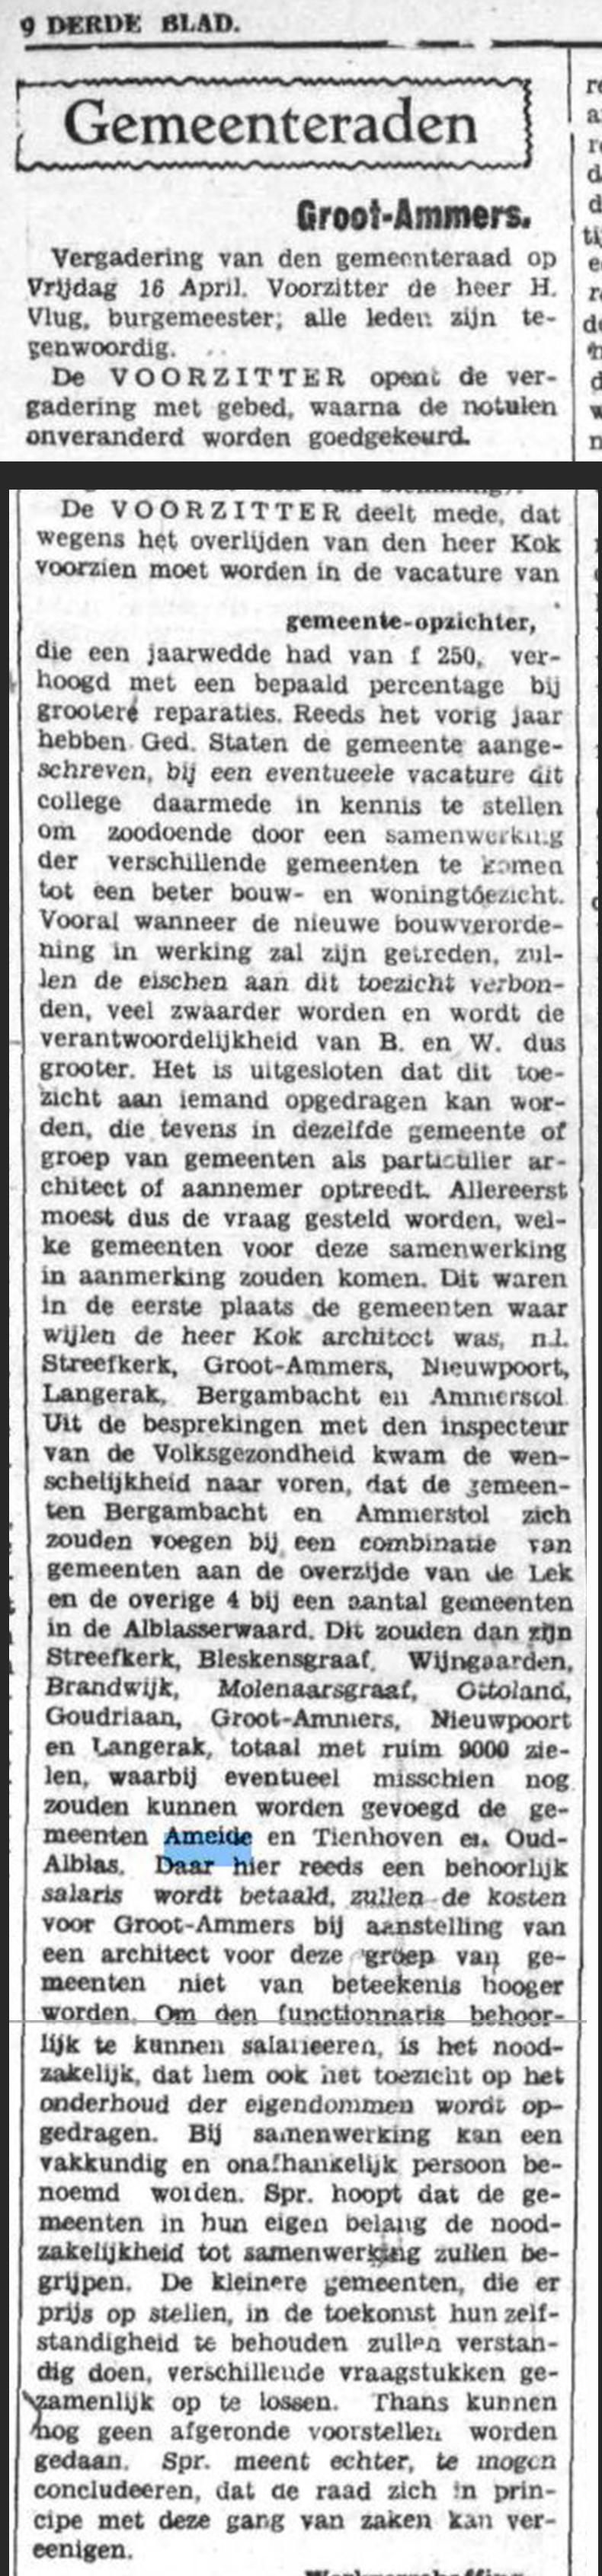 schoonhovensche-courant-06799-1937-04-21-artikel-03